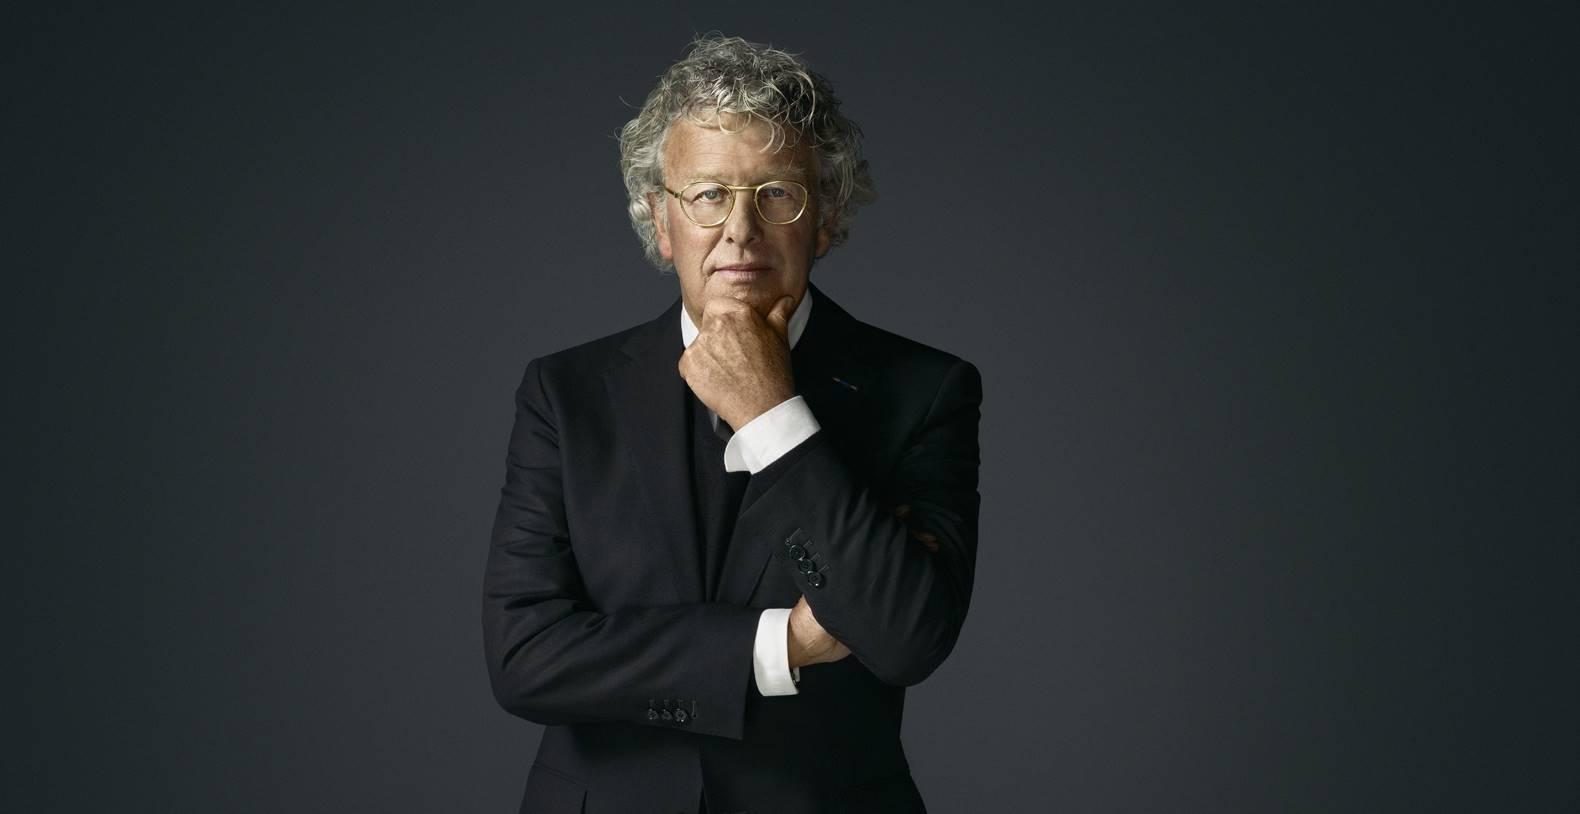 Jan des Bouvrie was de nummer één creatieve professional van Nederland